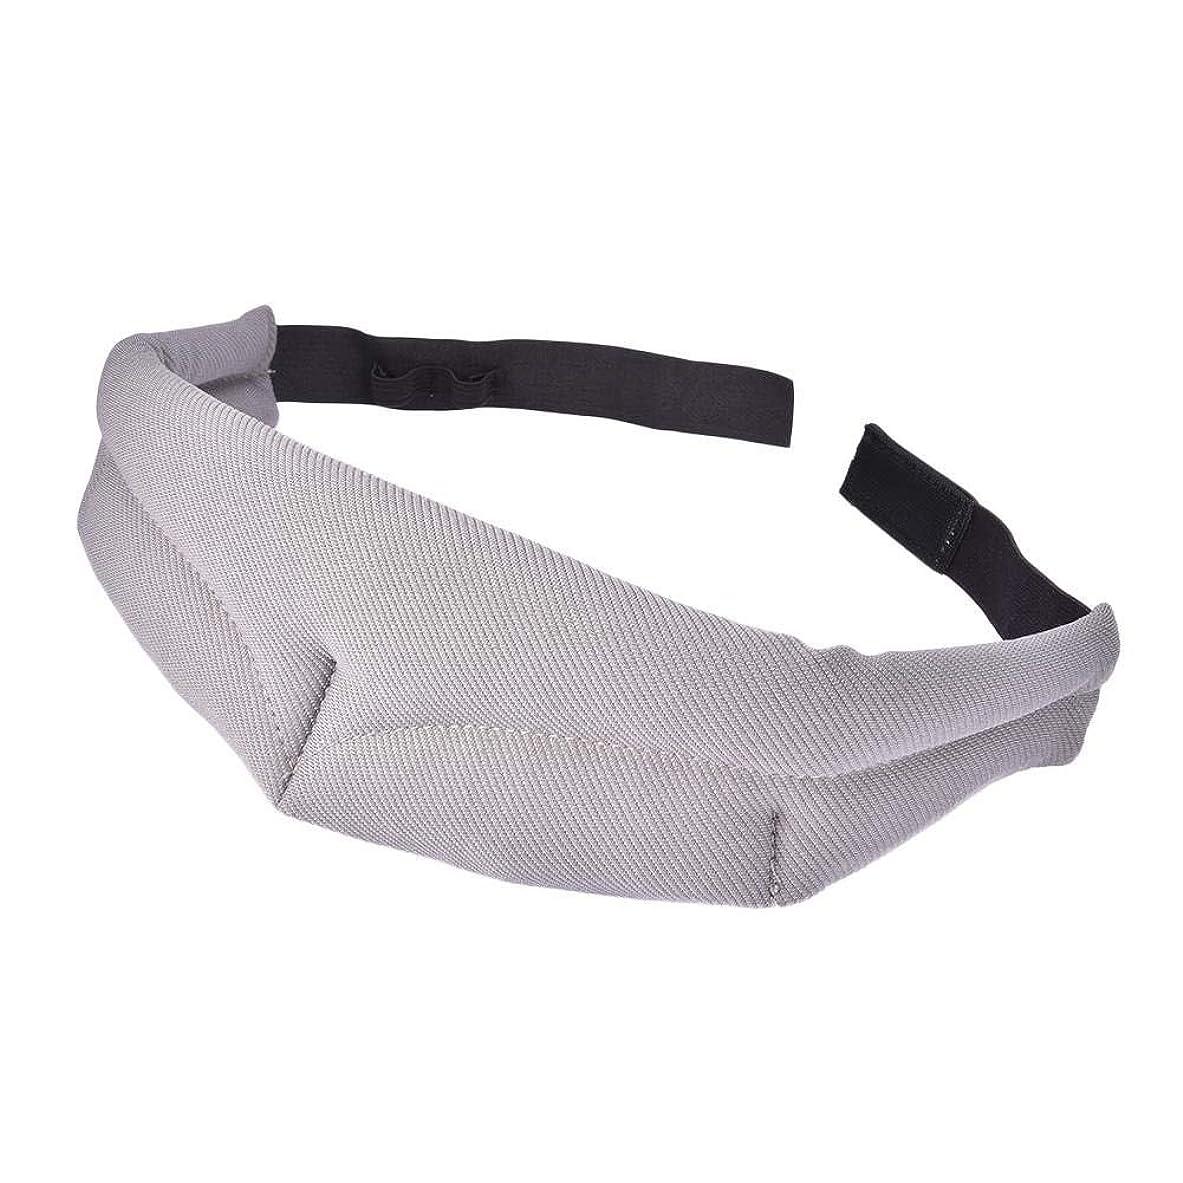 ヨーグルト解き明かす一般的にNOTE コットンアイシェードナイロンアイ調節可能マスク用睡眠ナチュラルシルク航空睡眠アイマスクランチブレイク旅行シルクヘルプ睡眠マスク